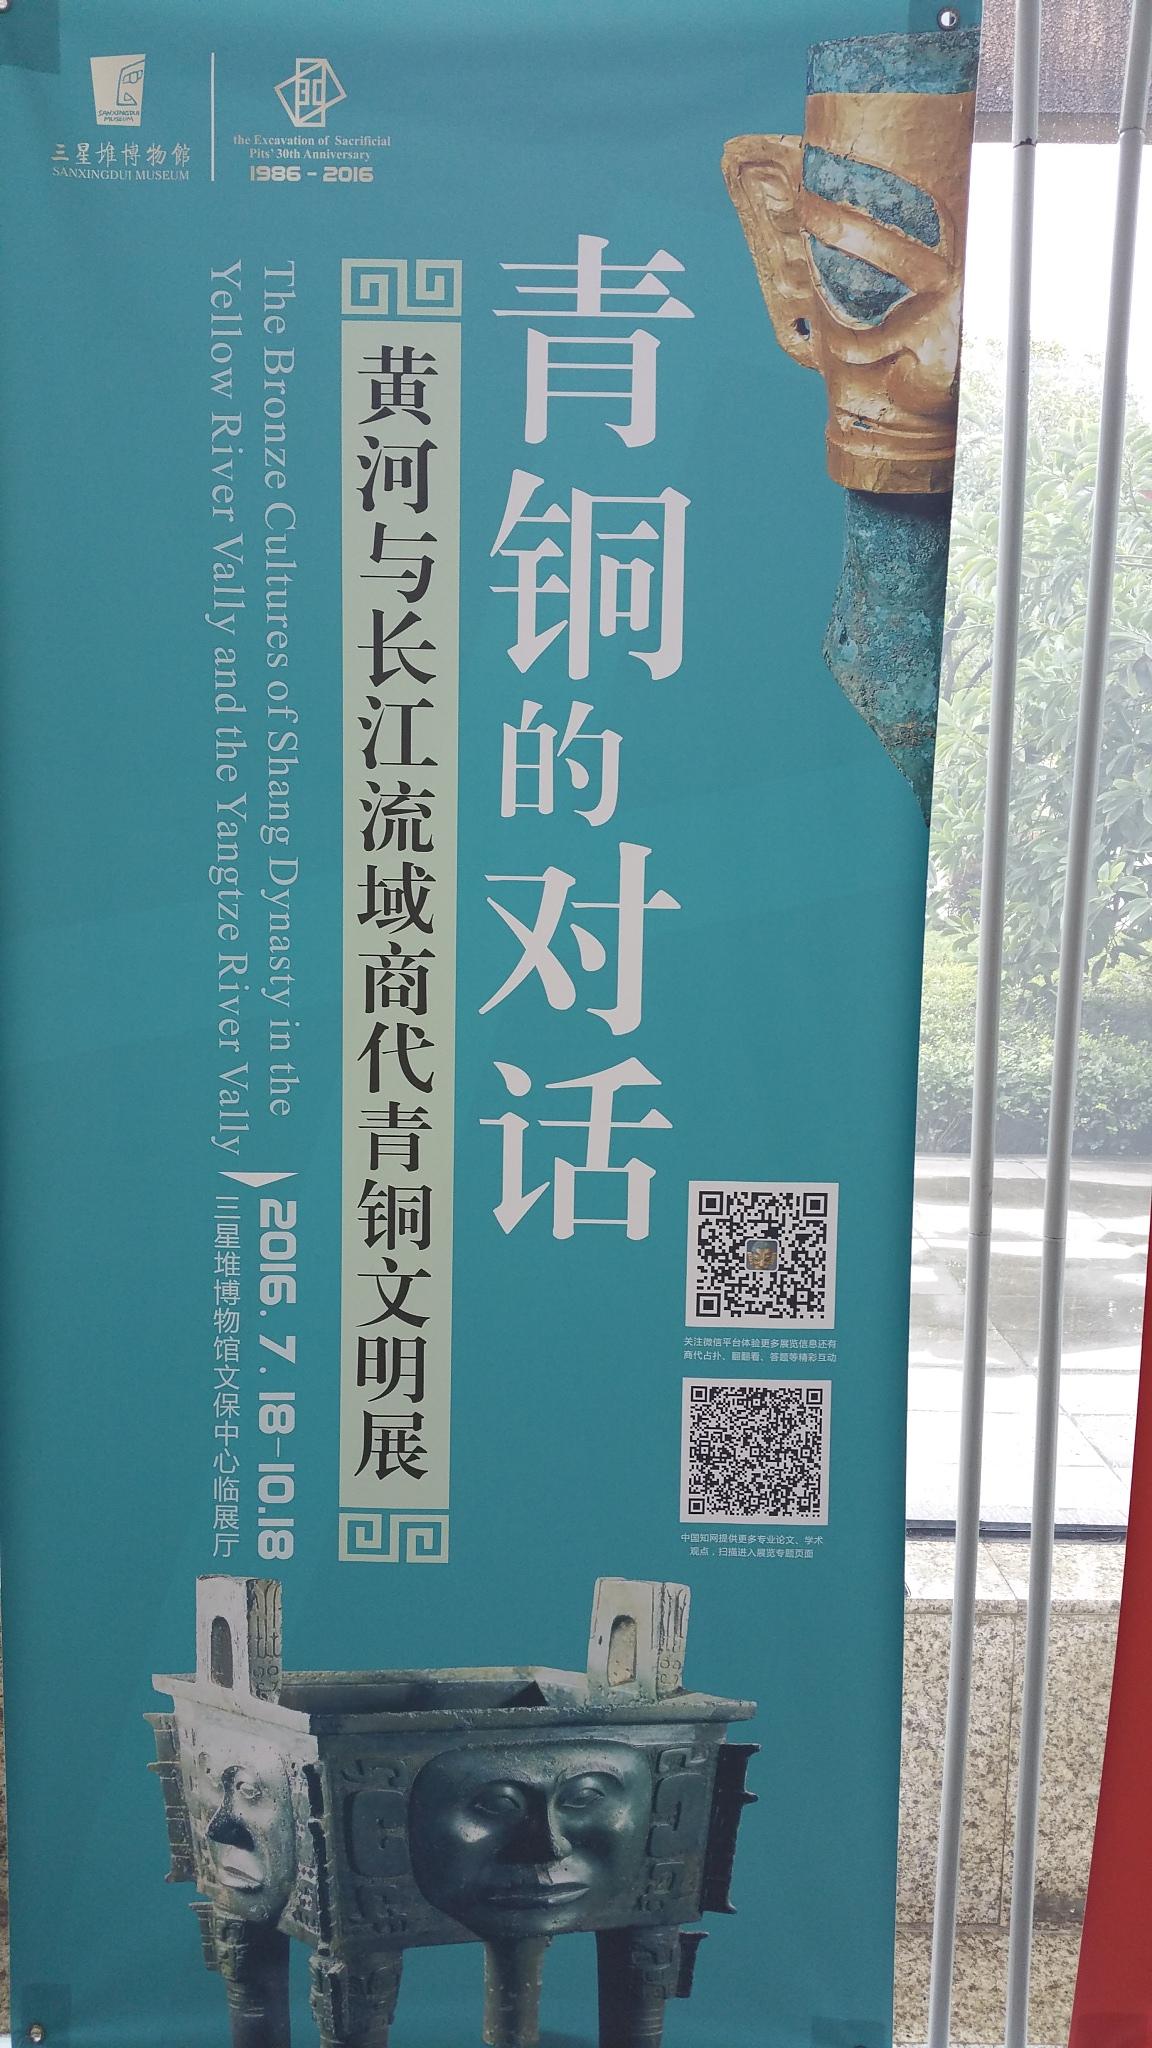 Información en código QR en el museo de Sanxingdui